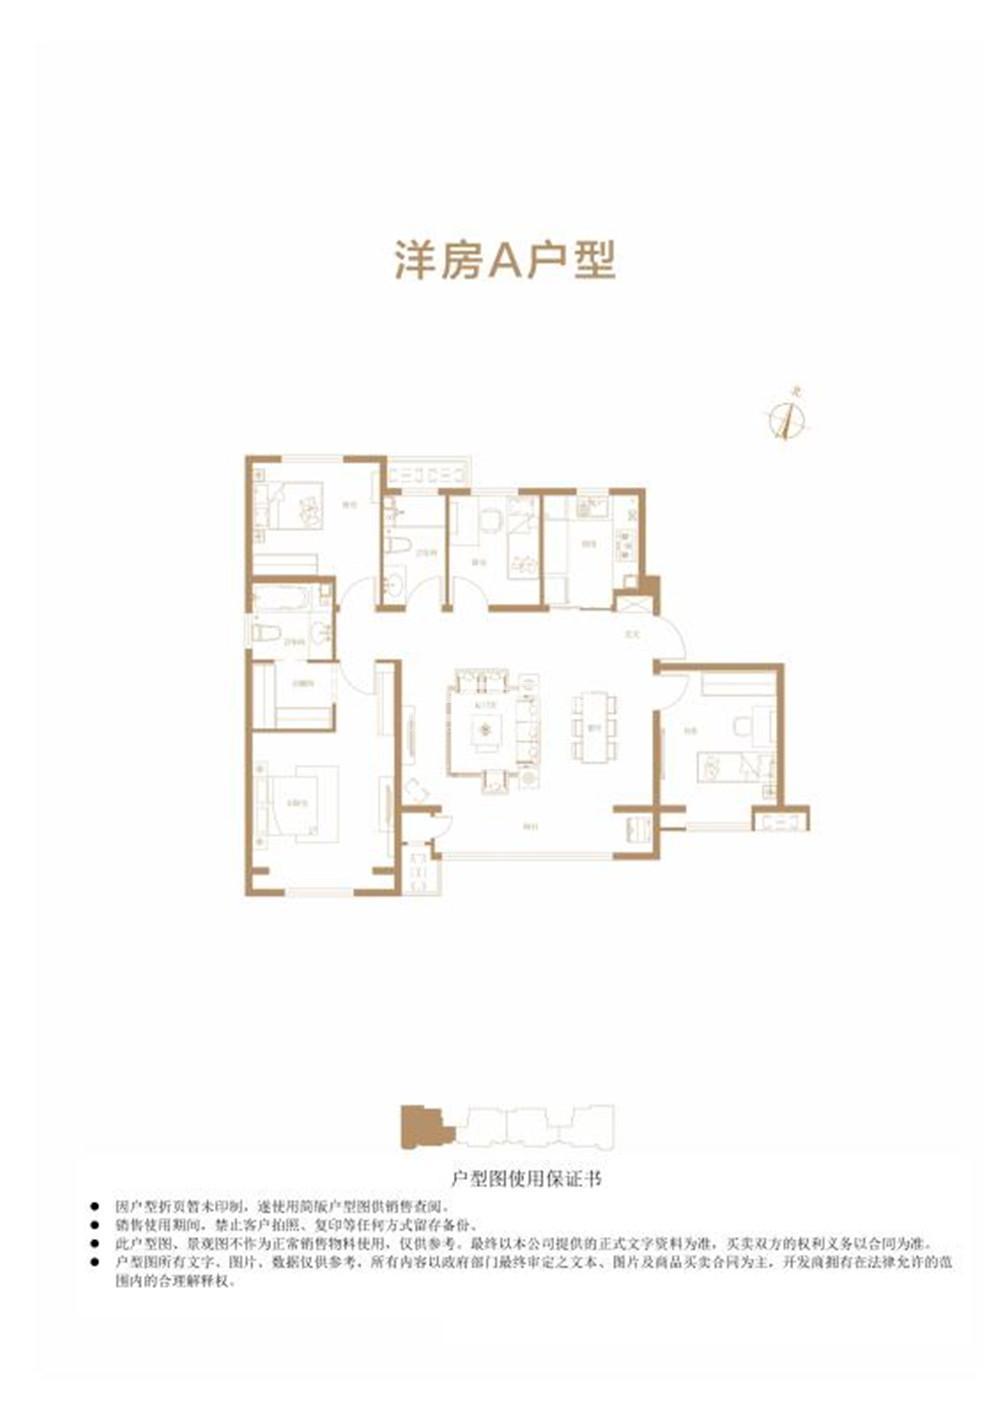 户型图 洋房A户型 139.6平米 四室